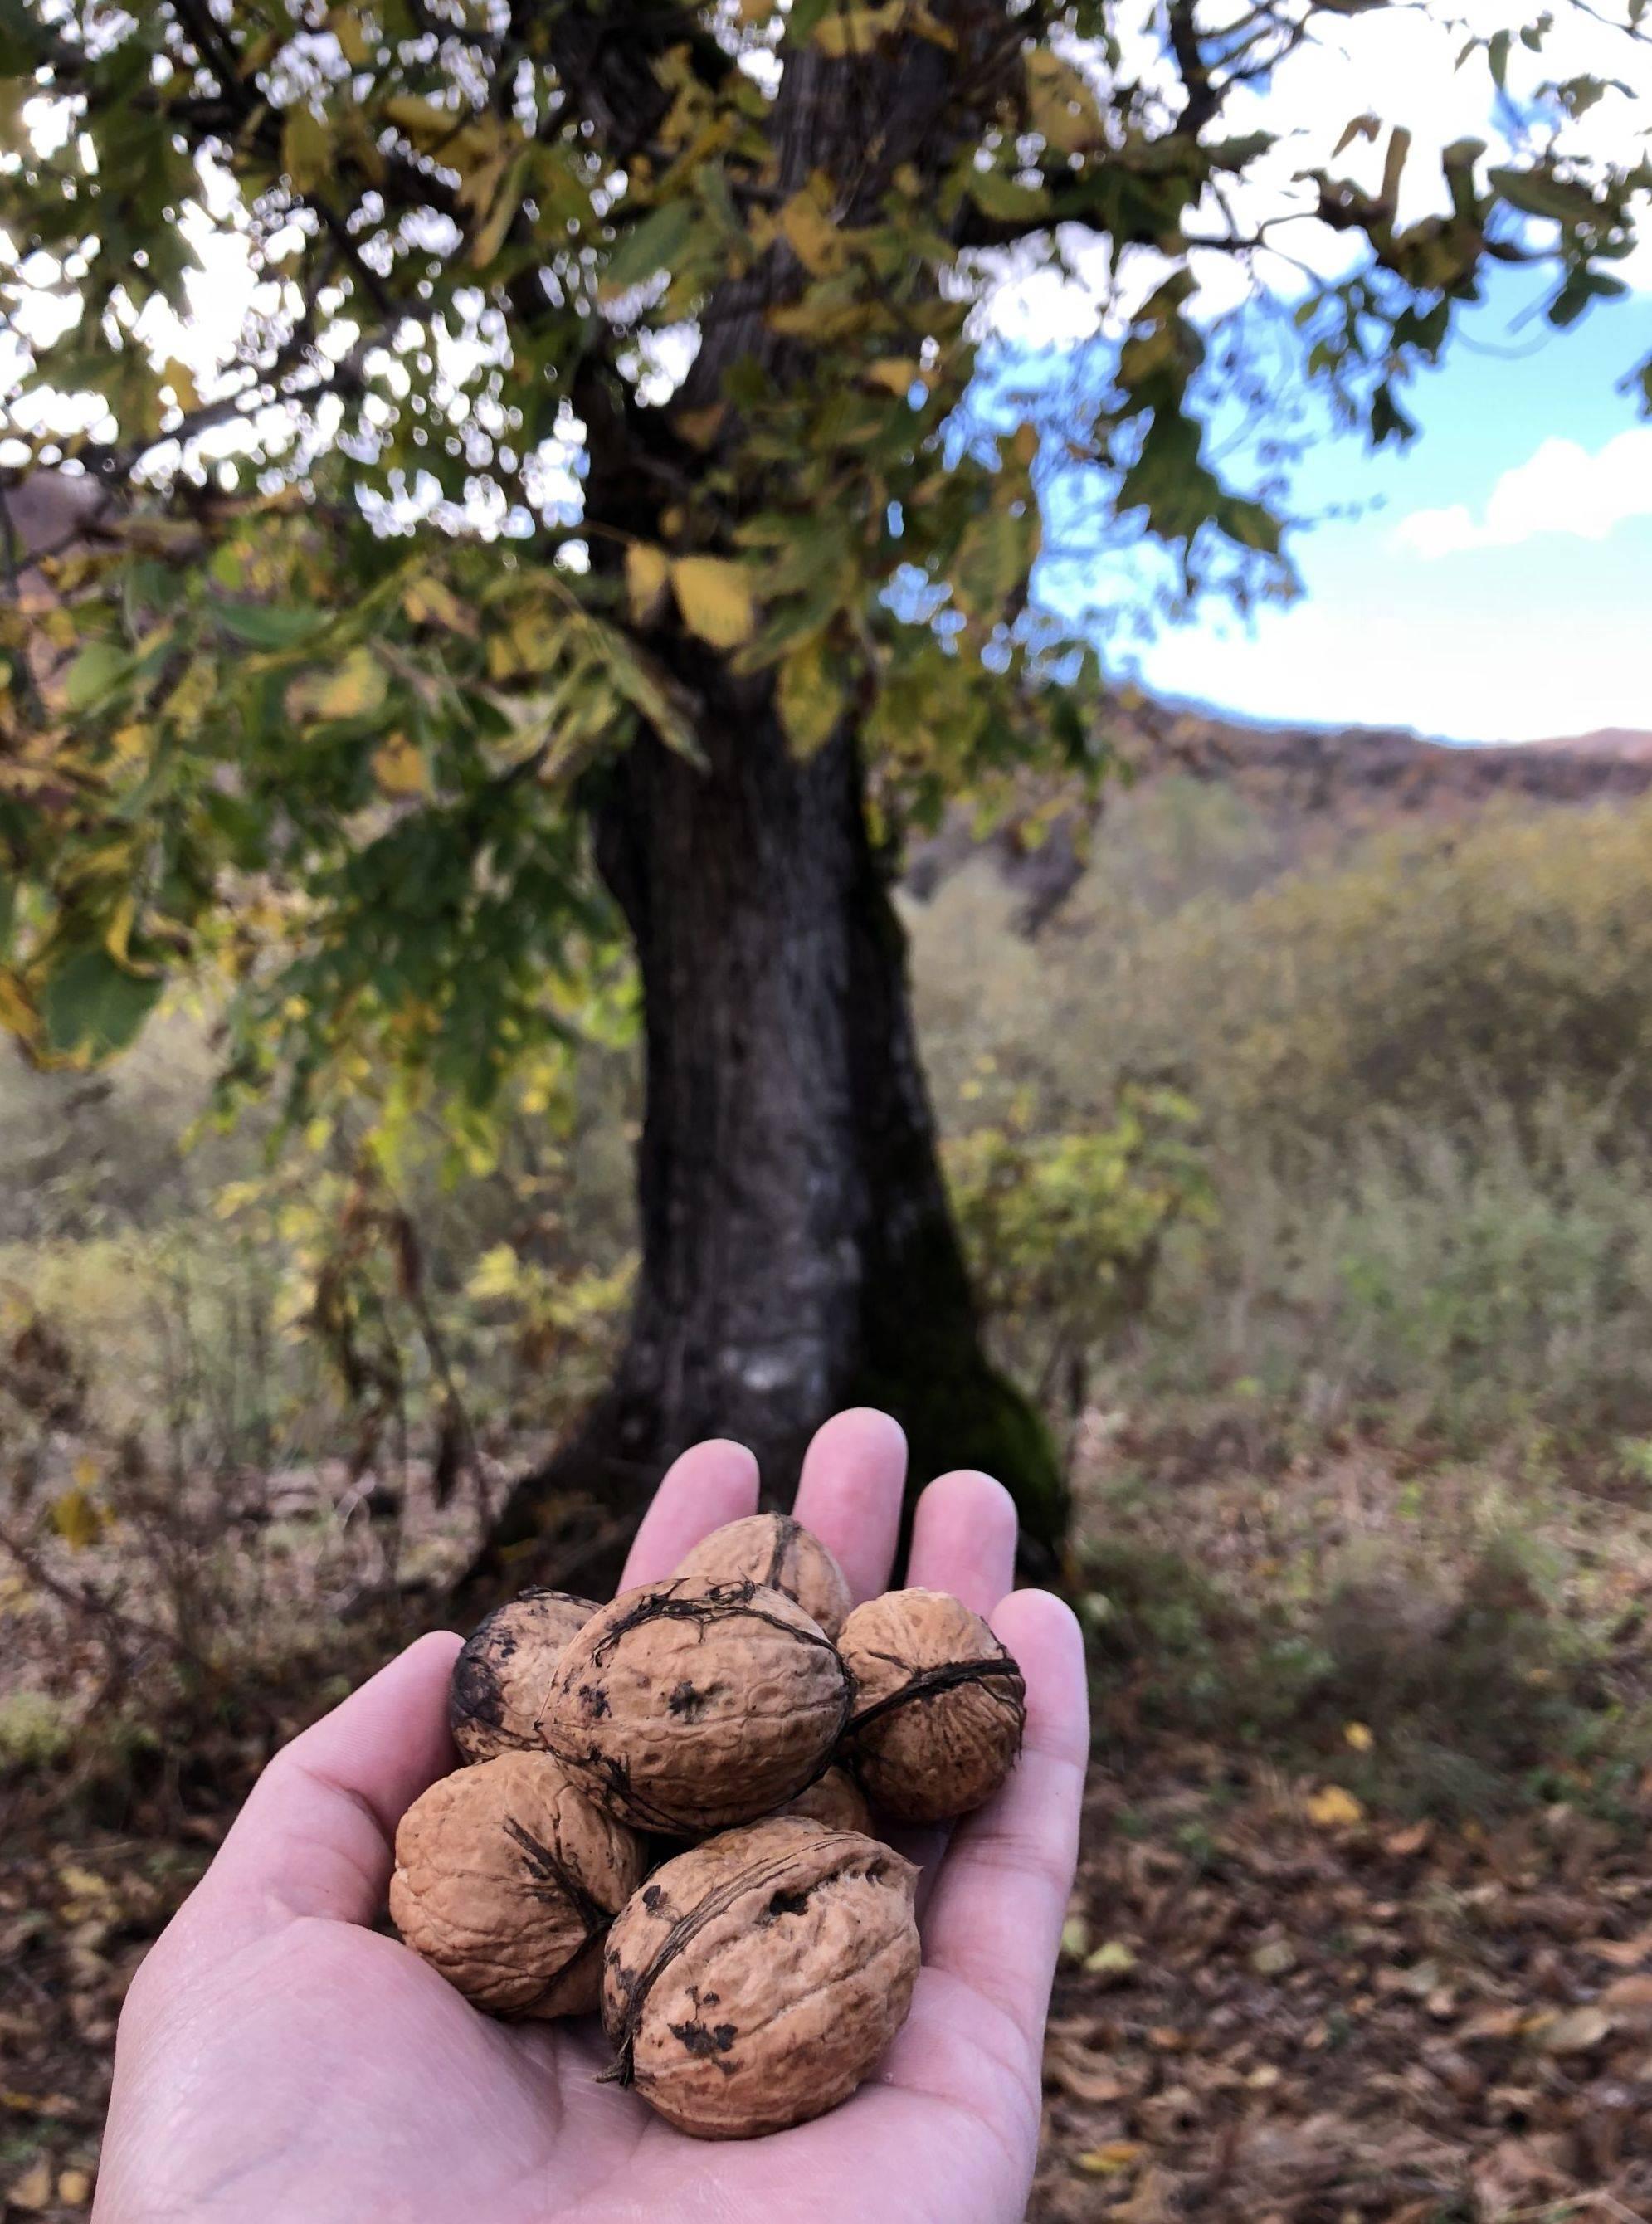 Как правильно посадить и вырастить грецкий орех из ореха в домашних условиях: сорта для подмосковья, подготовка к посеву, посадка и дальнейший уход